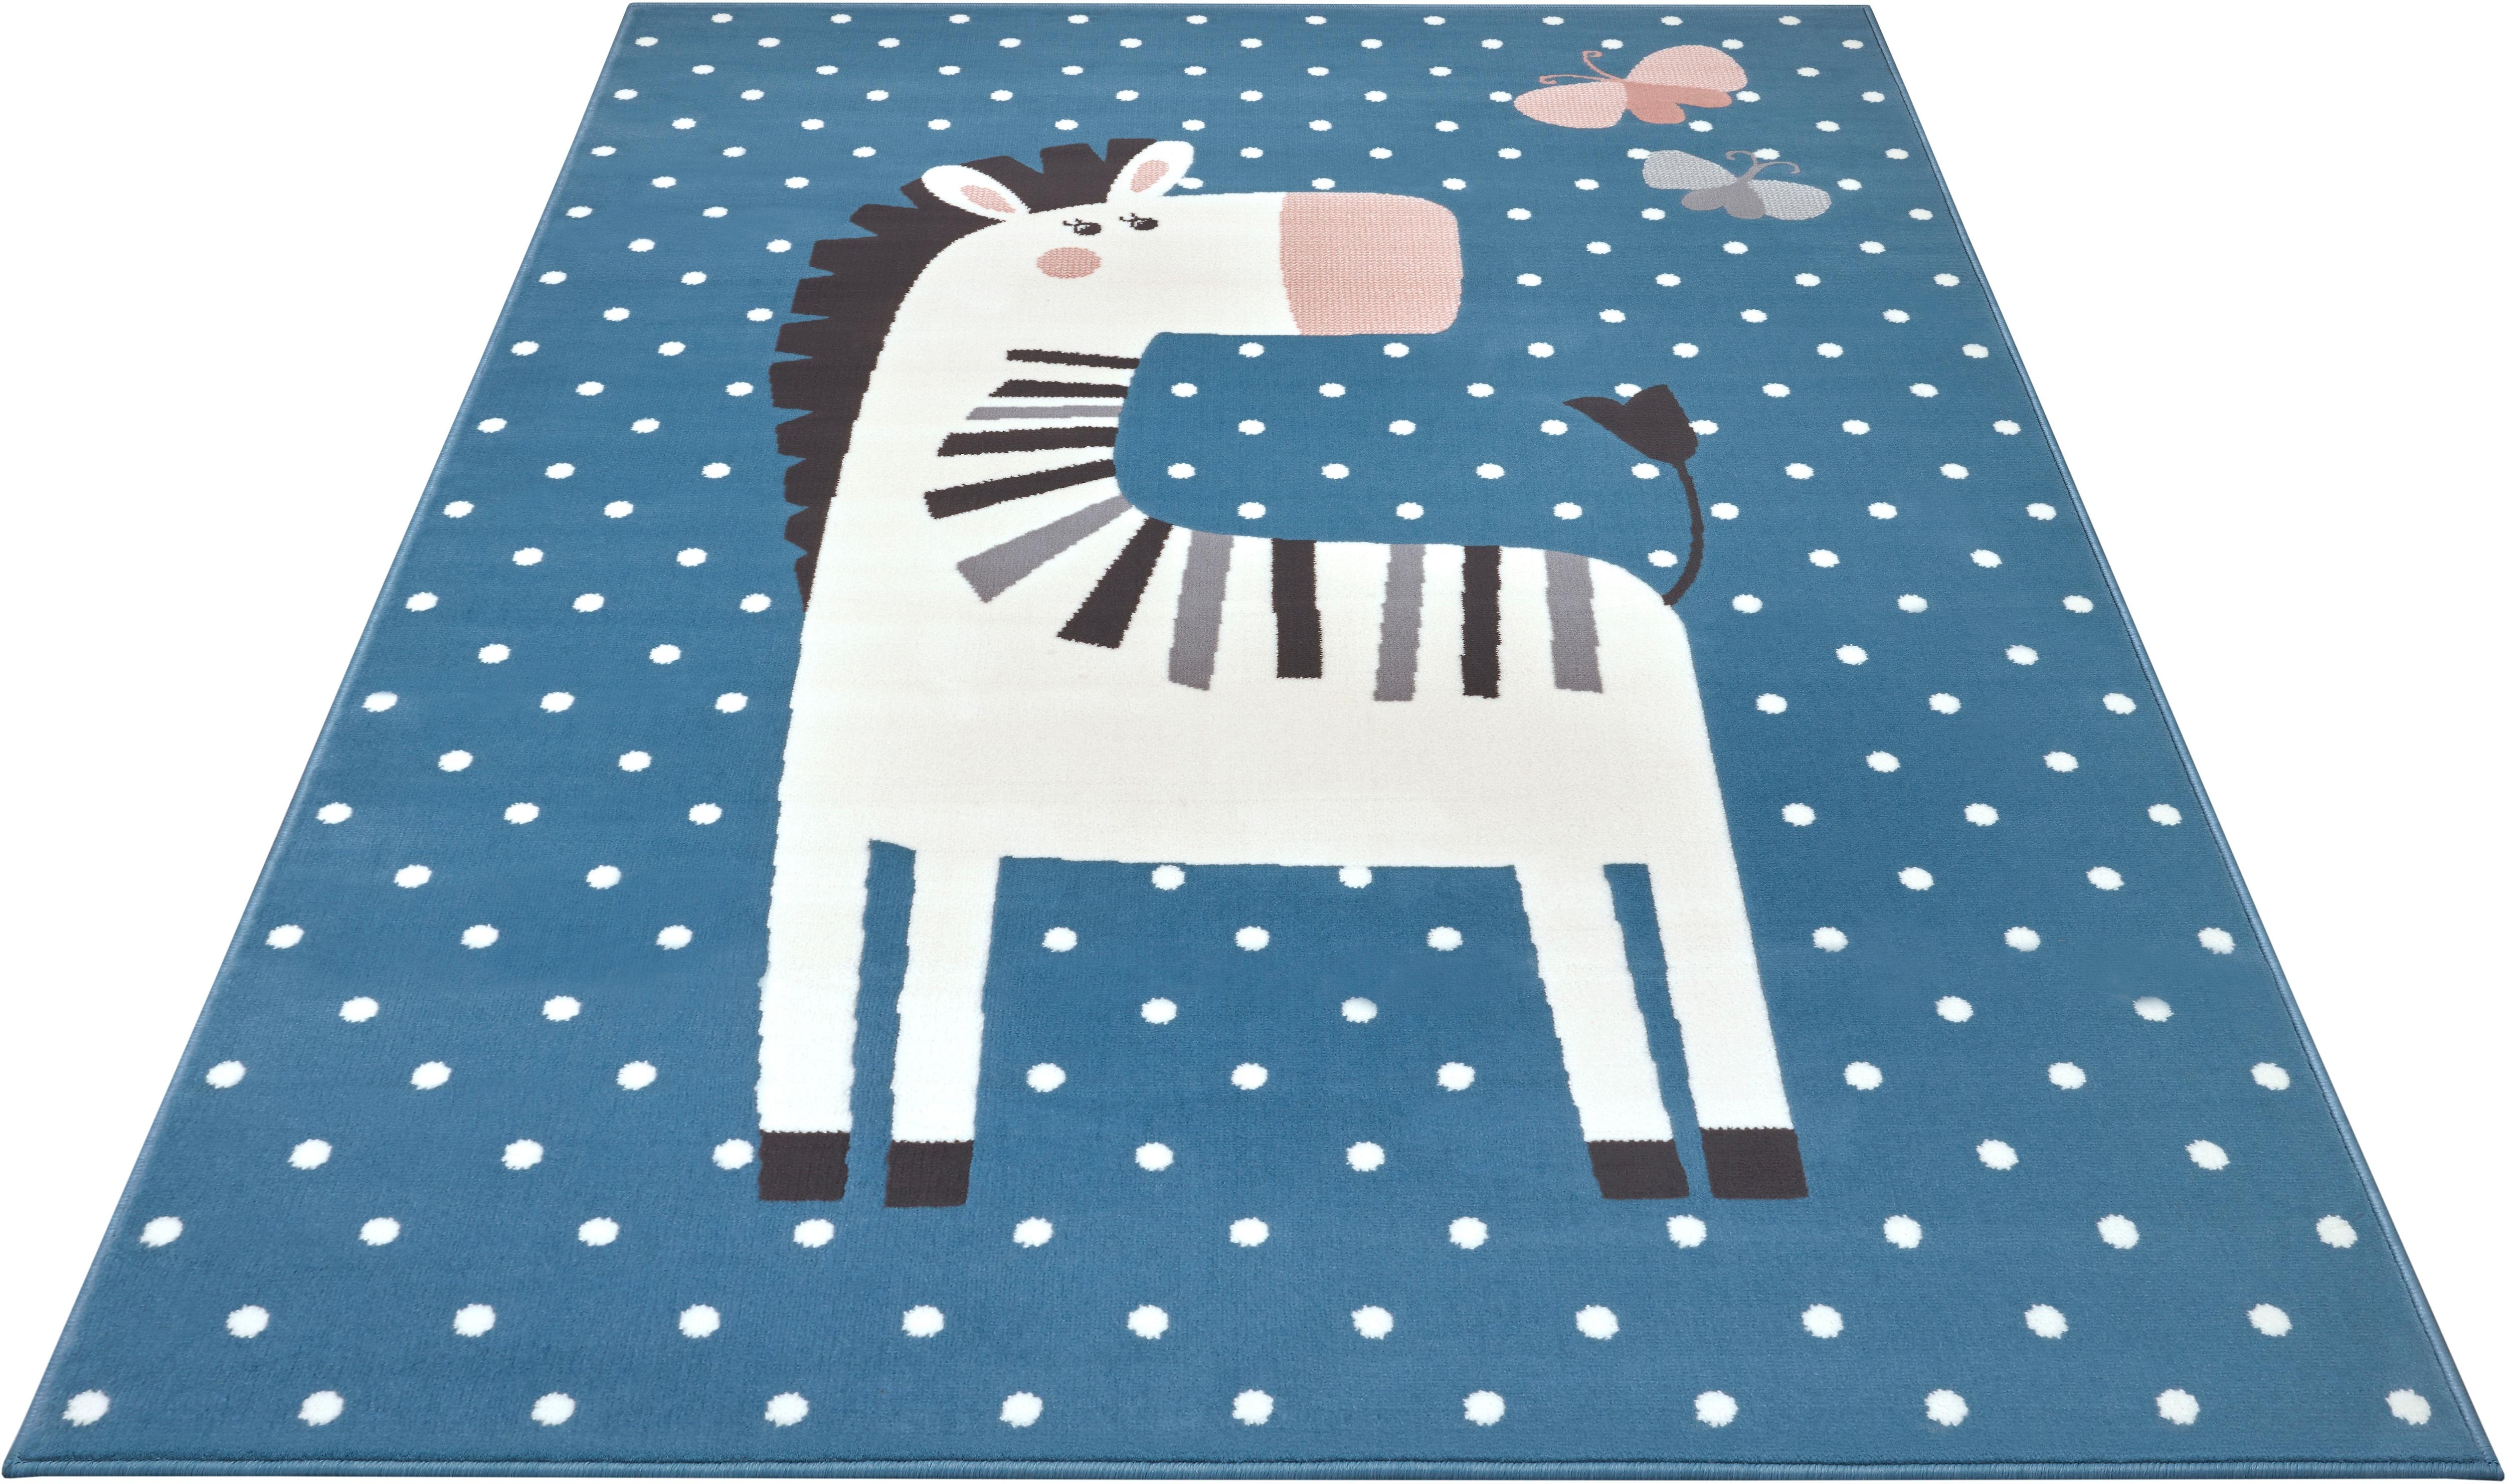 HANSE Home Kinderteppich Zebra Funny, rechteckig, 9 mm Höhe blau Kinder Bunte Kinderteppiche Teppiche